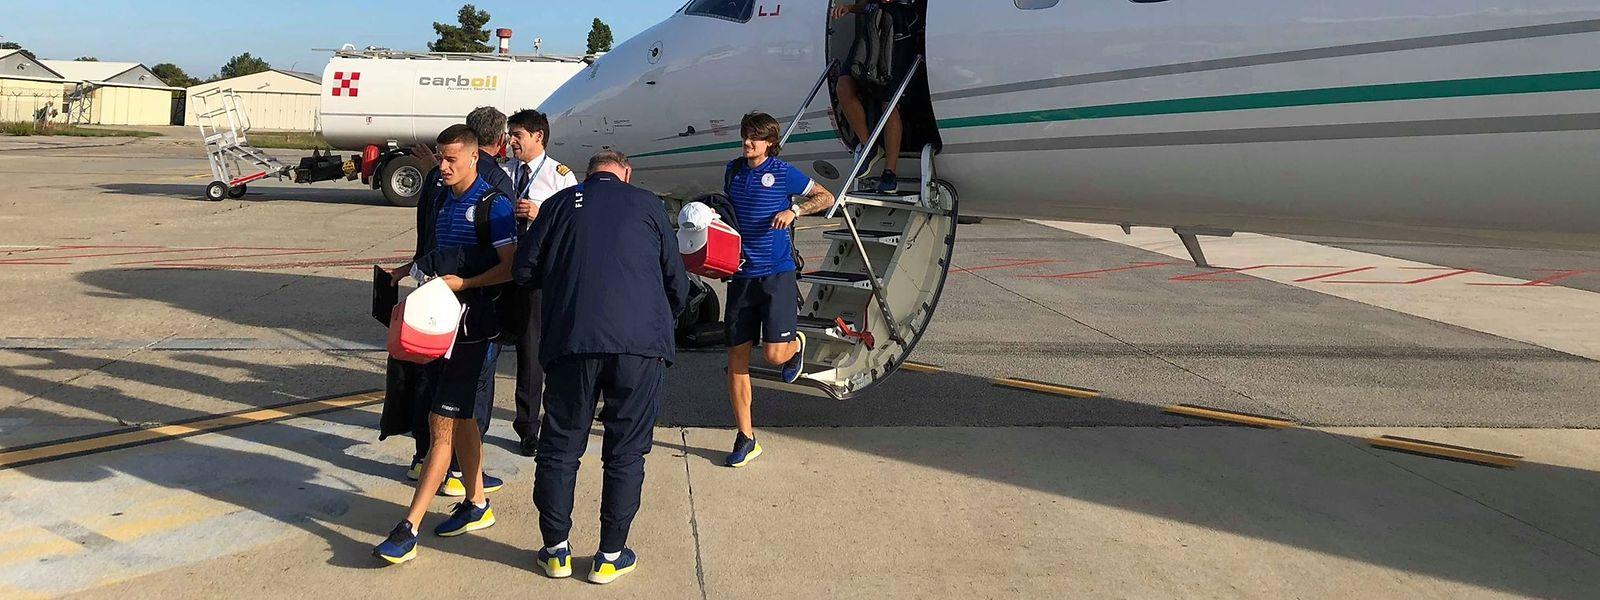 Les frères Thill, comme tous les joueurs, ont donné un coup de main pour transporter le matériel de la sélection placé à l'intérieur de l'avion.